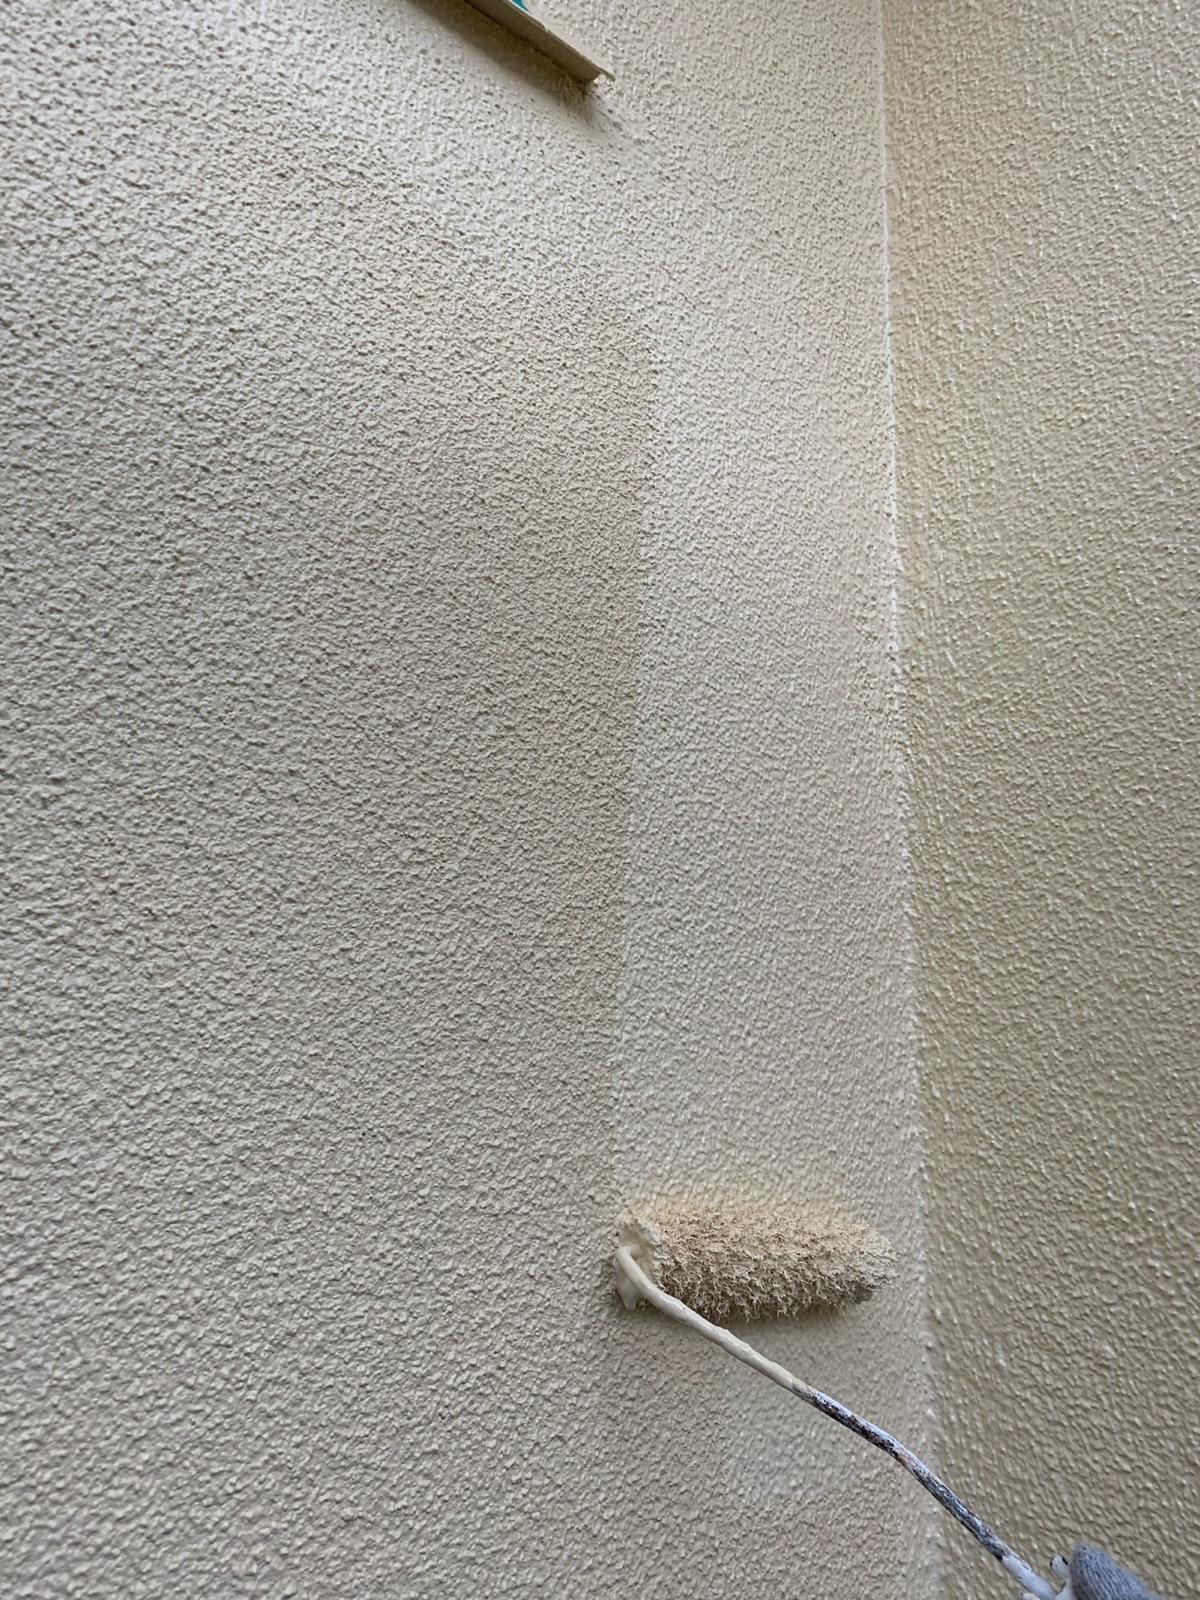 壁面下塗り工事